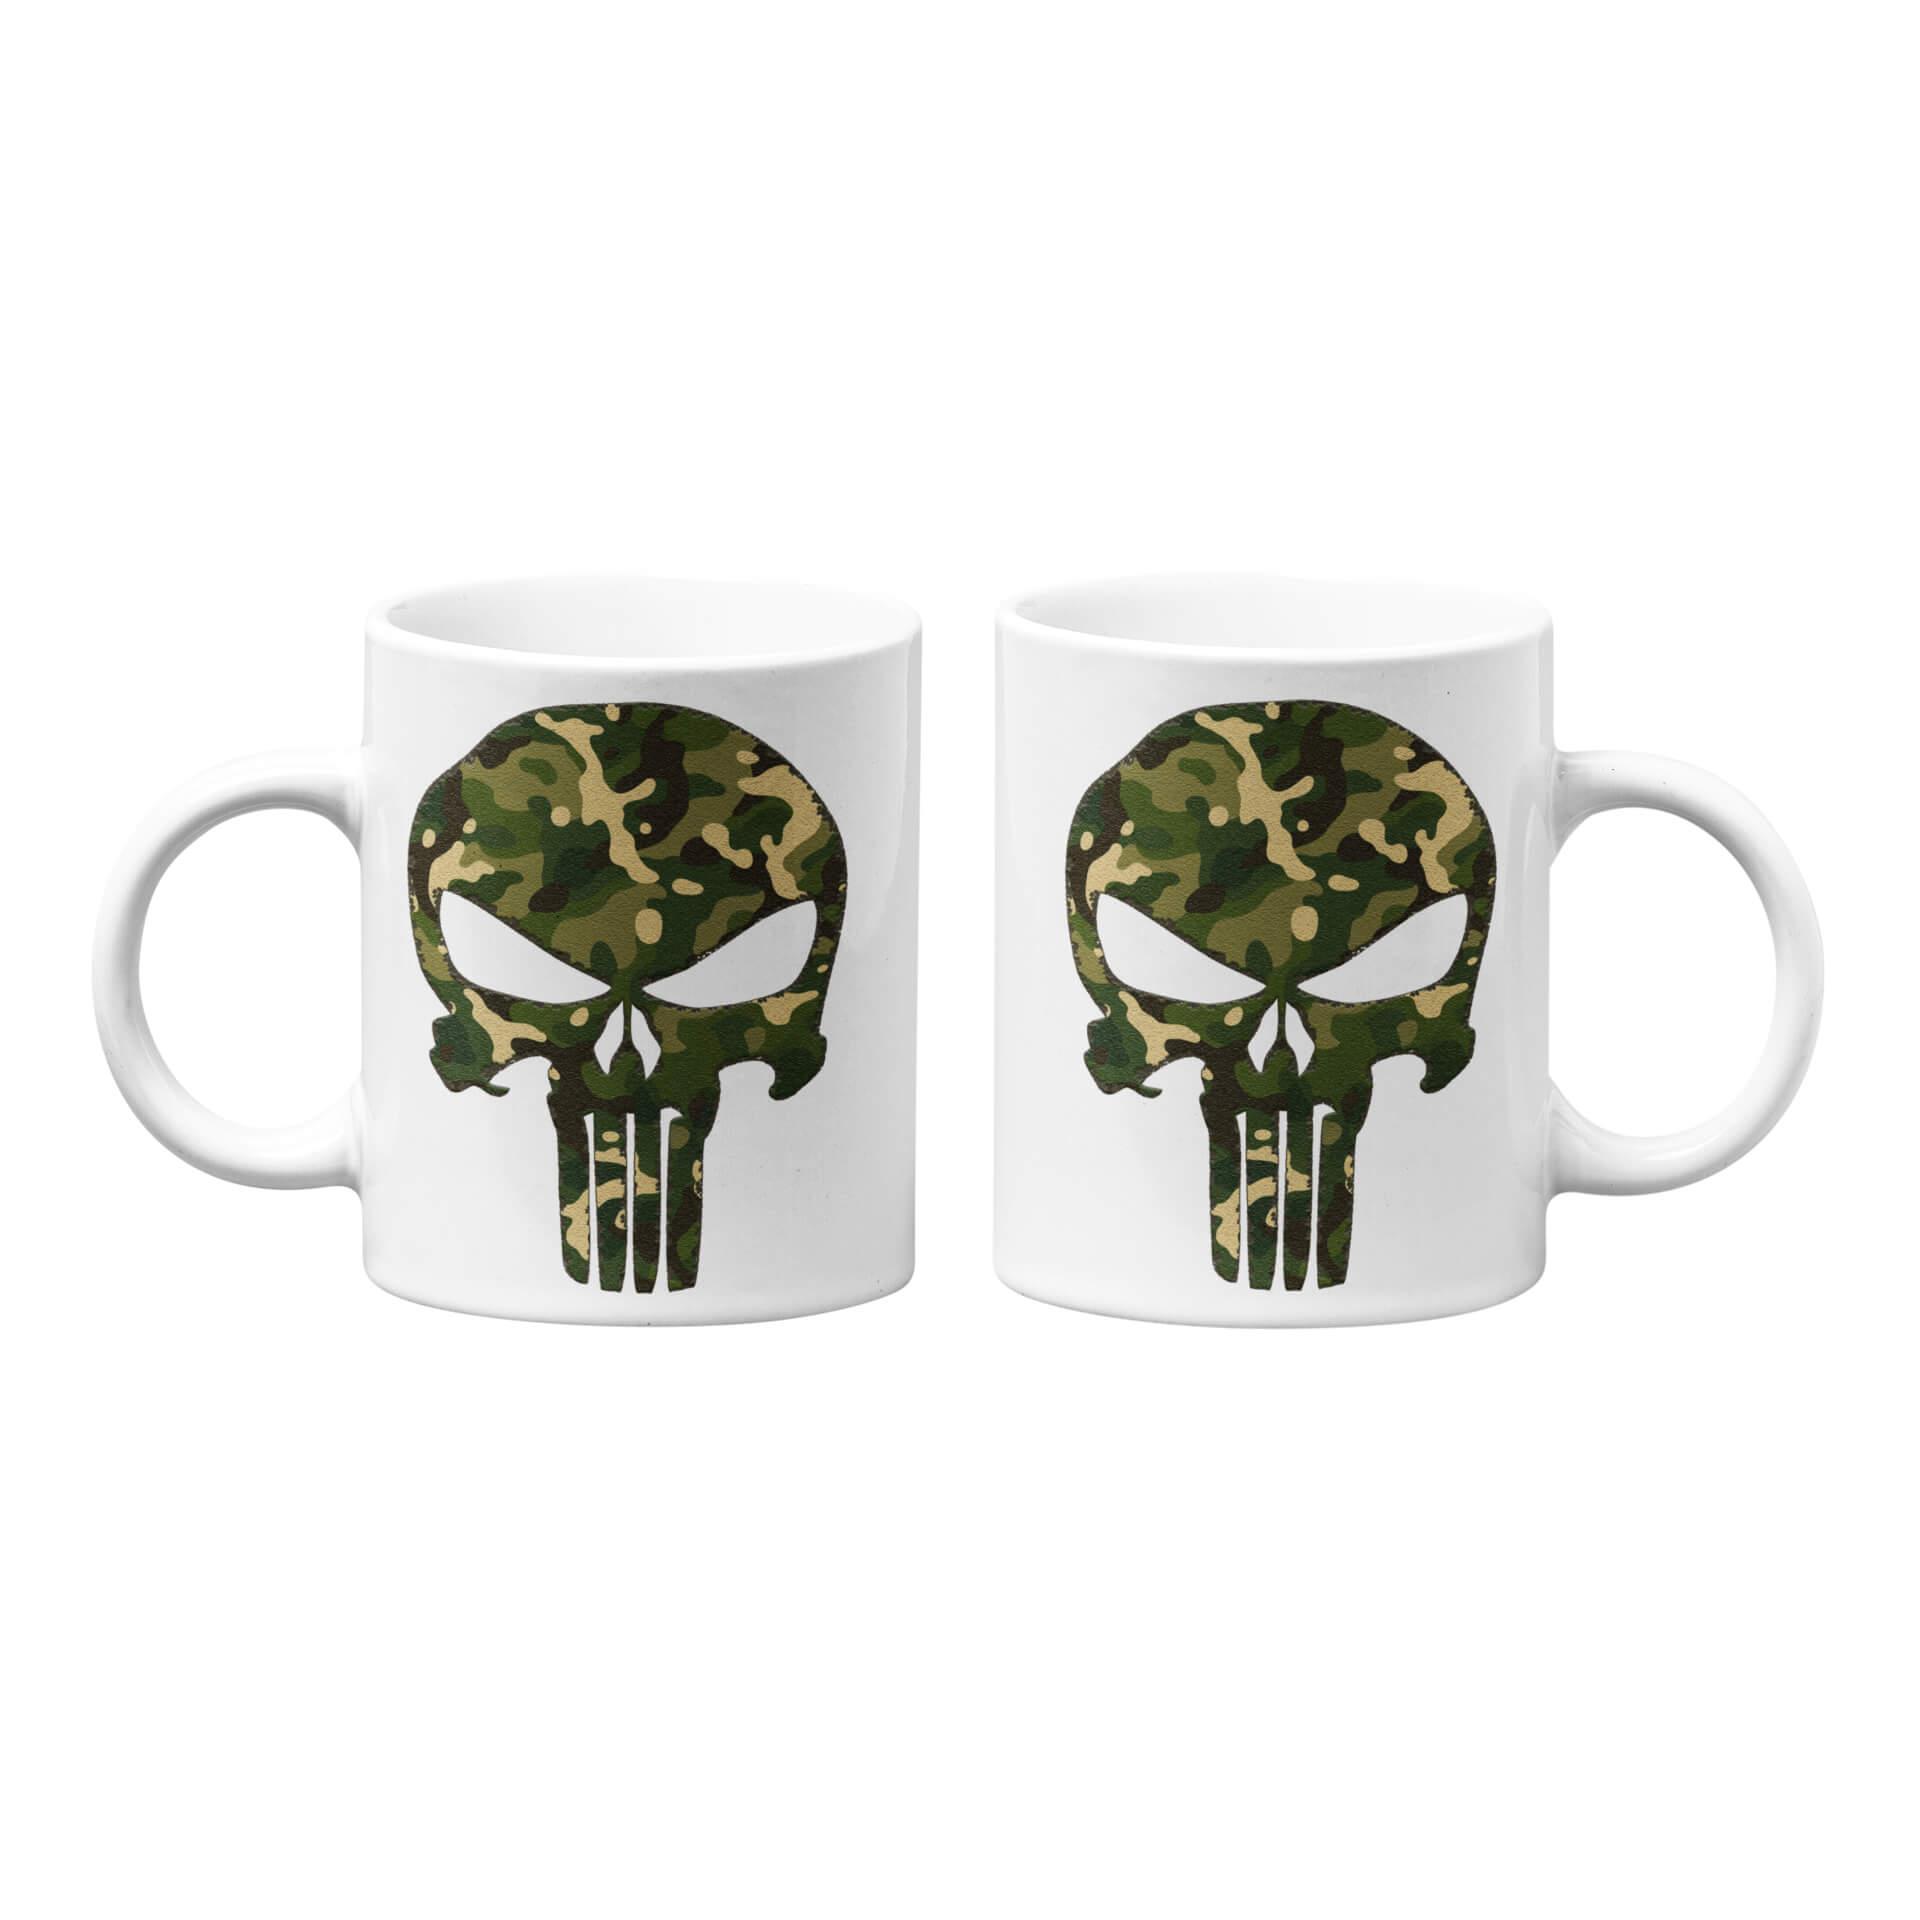 Forest Camo Punisher Mug